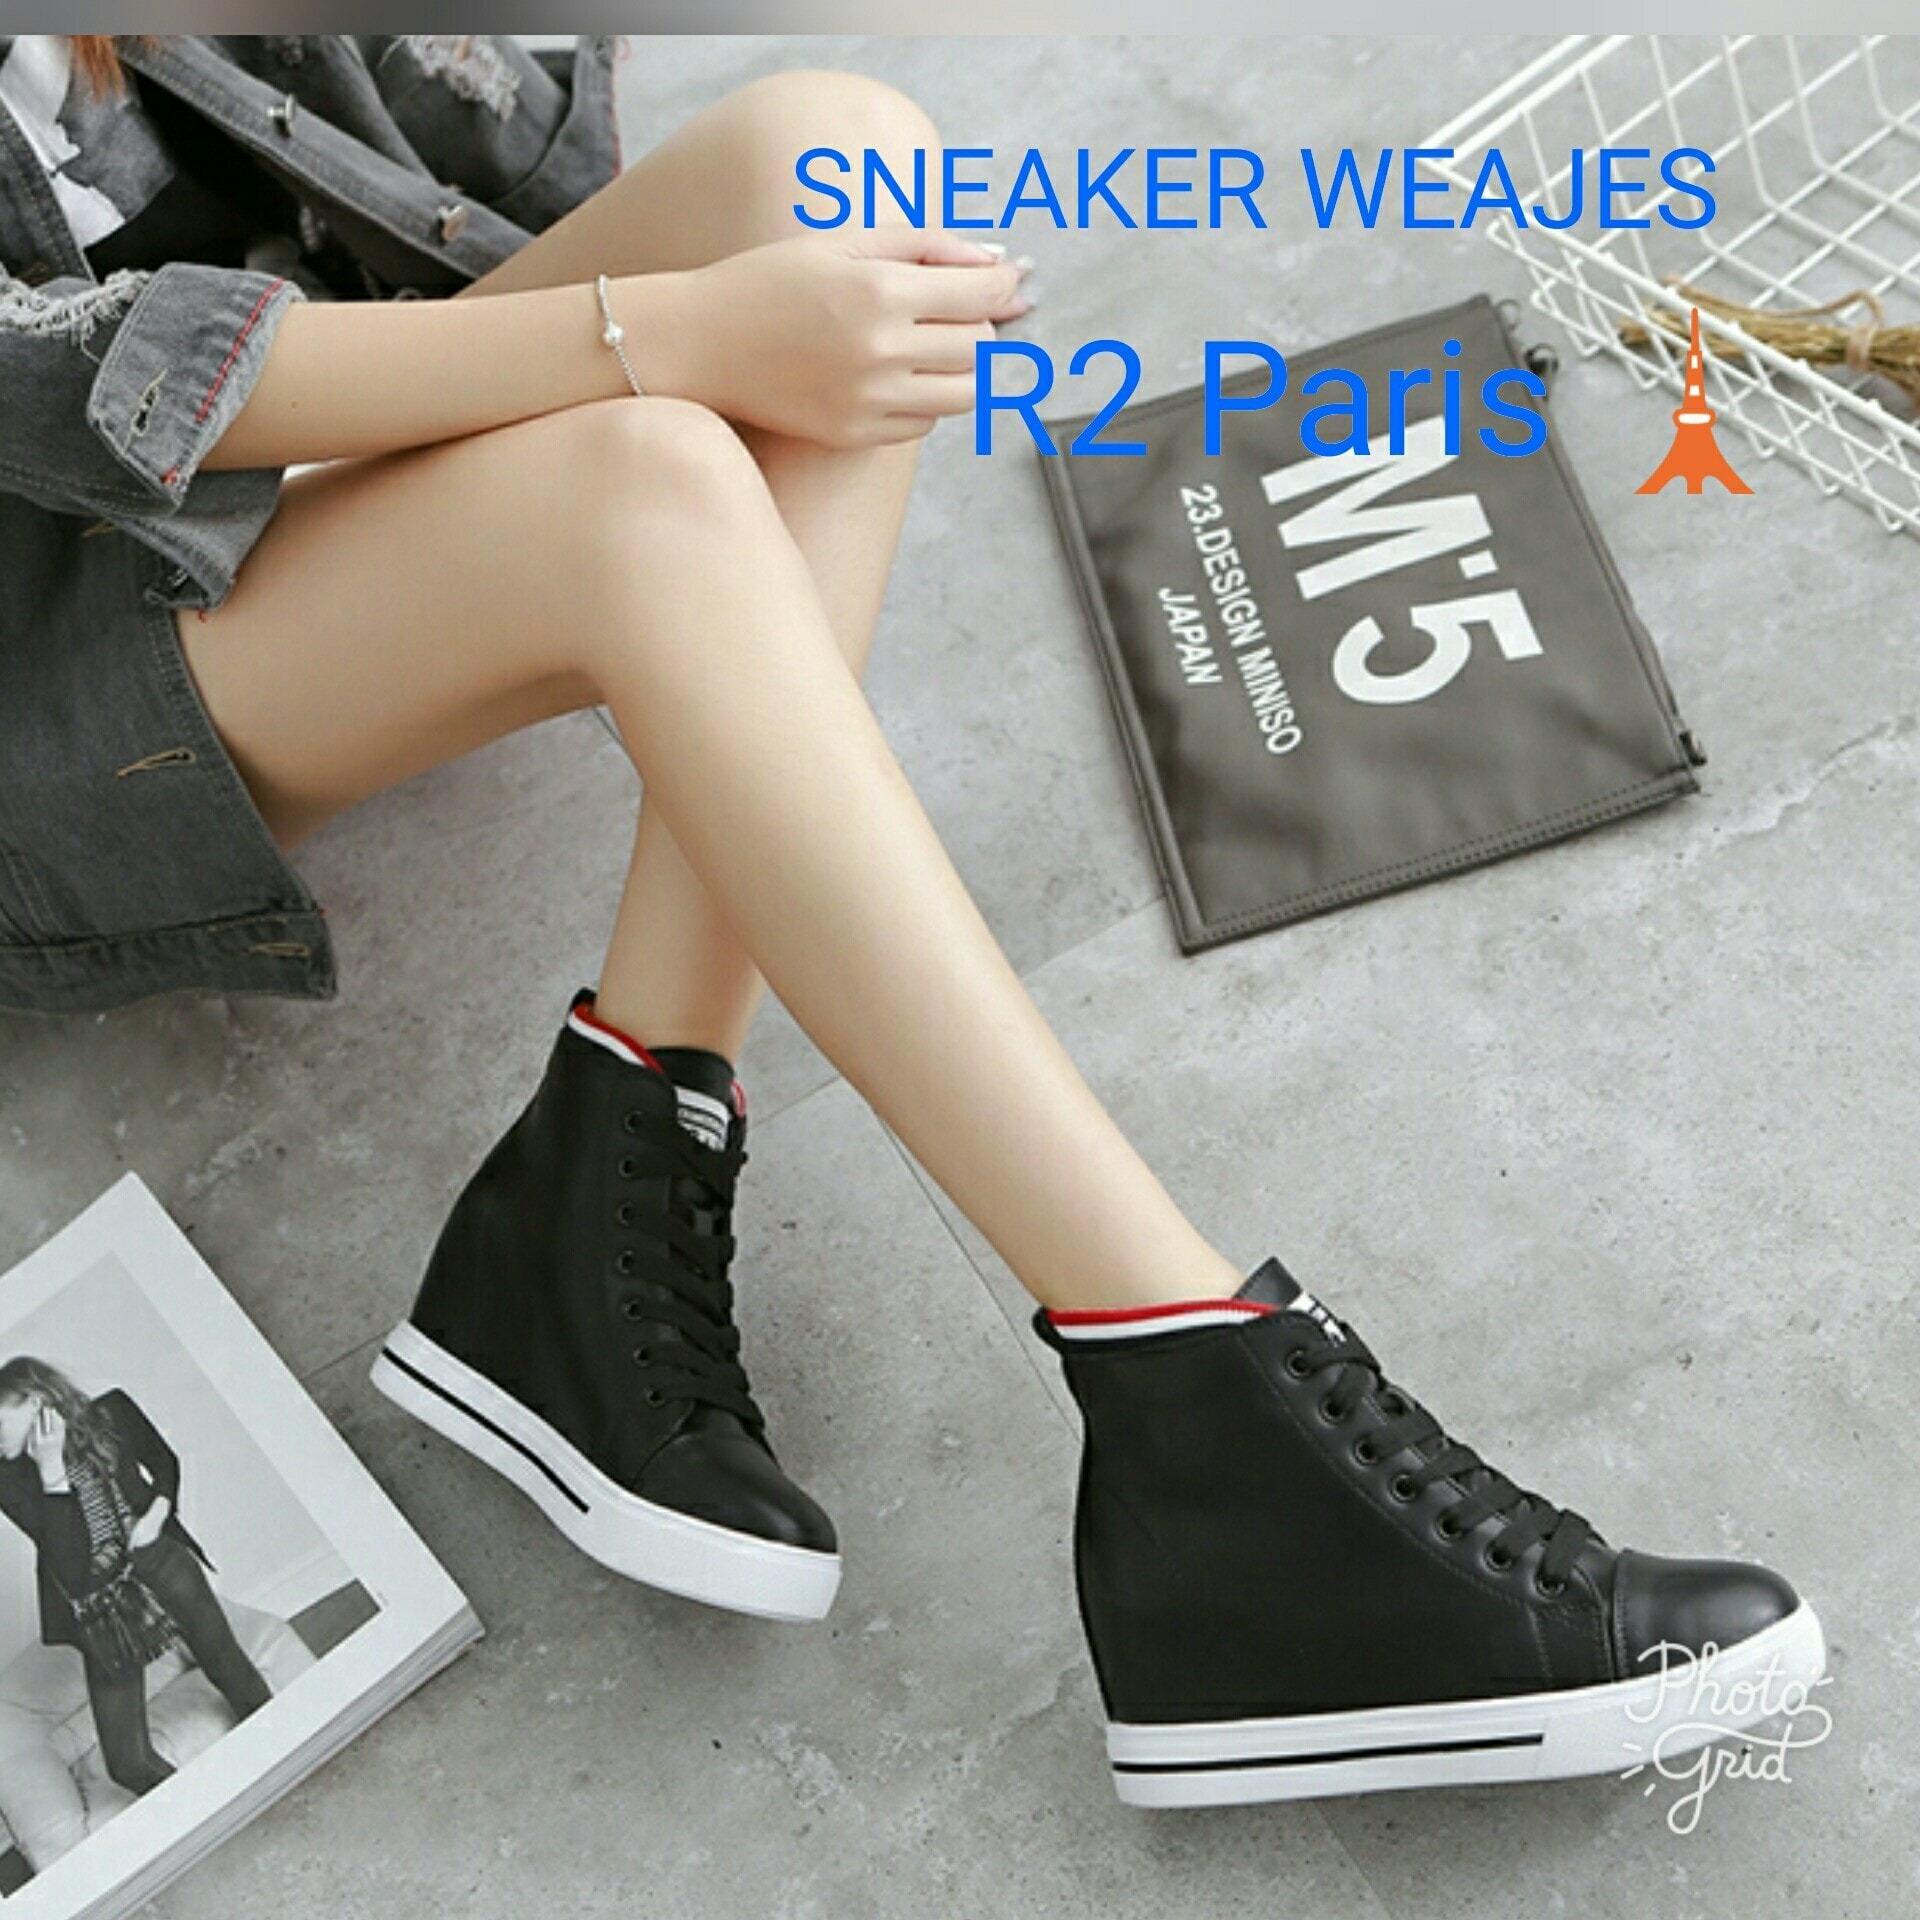 Sepatu Wanita High Heels Chains Pita Permata Pink R2 Spec Dan Linalee Clarisa Sneakers Wedges Hak 7cm Hitam Ryker